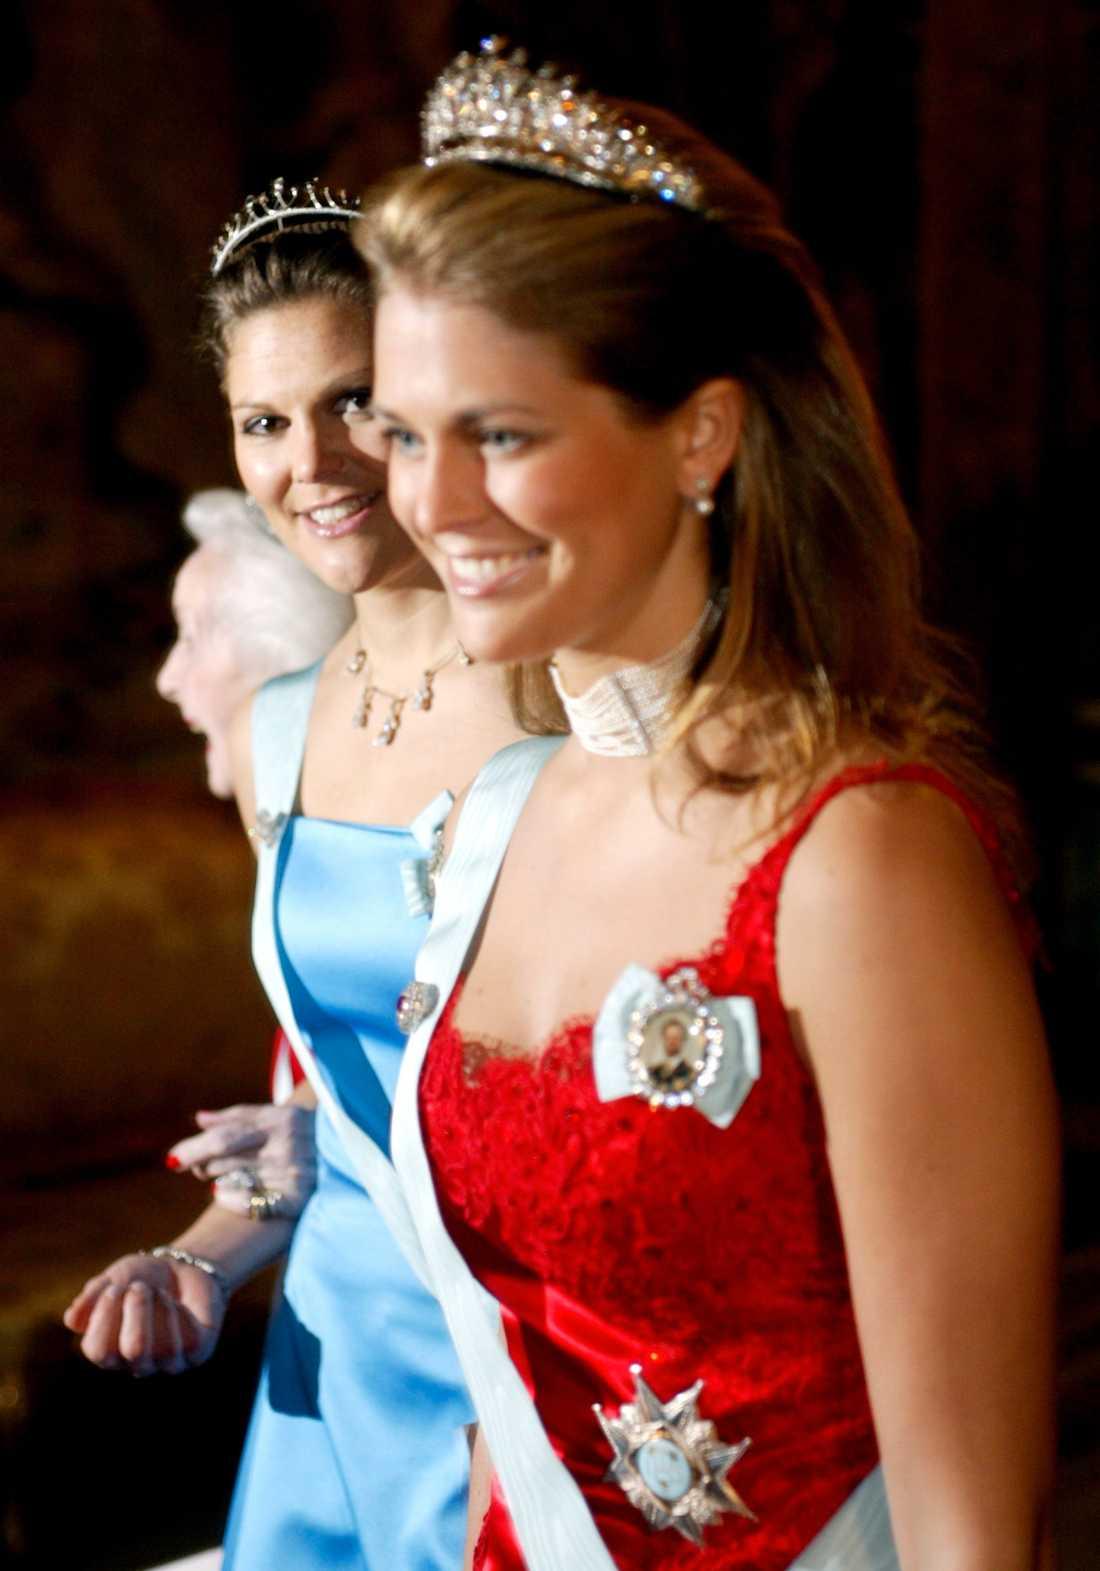 Det var Madeleine som tipsade Victoria om den trevlige personlige tränaren på gymmet Master training i Stockholm.